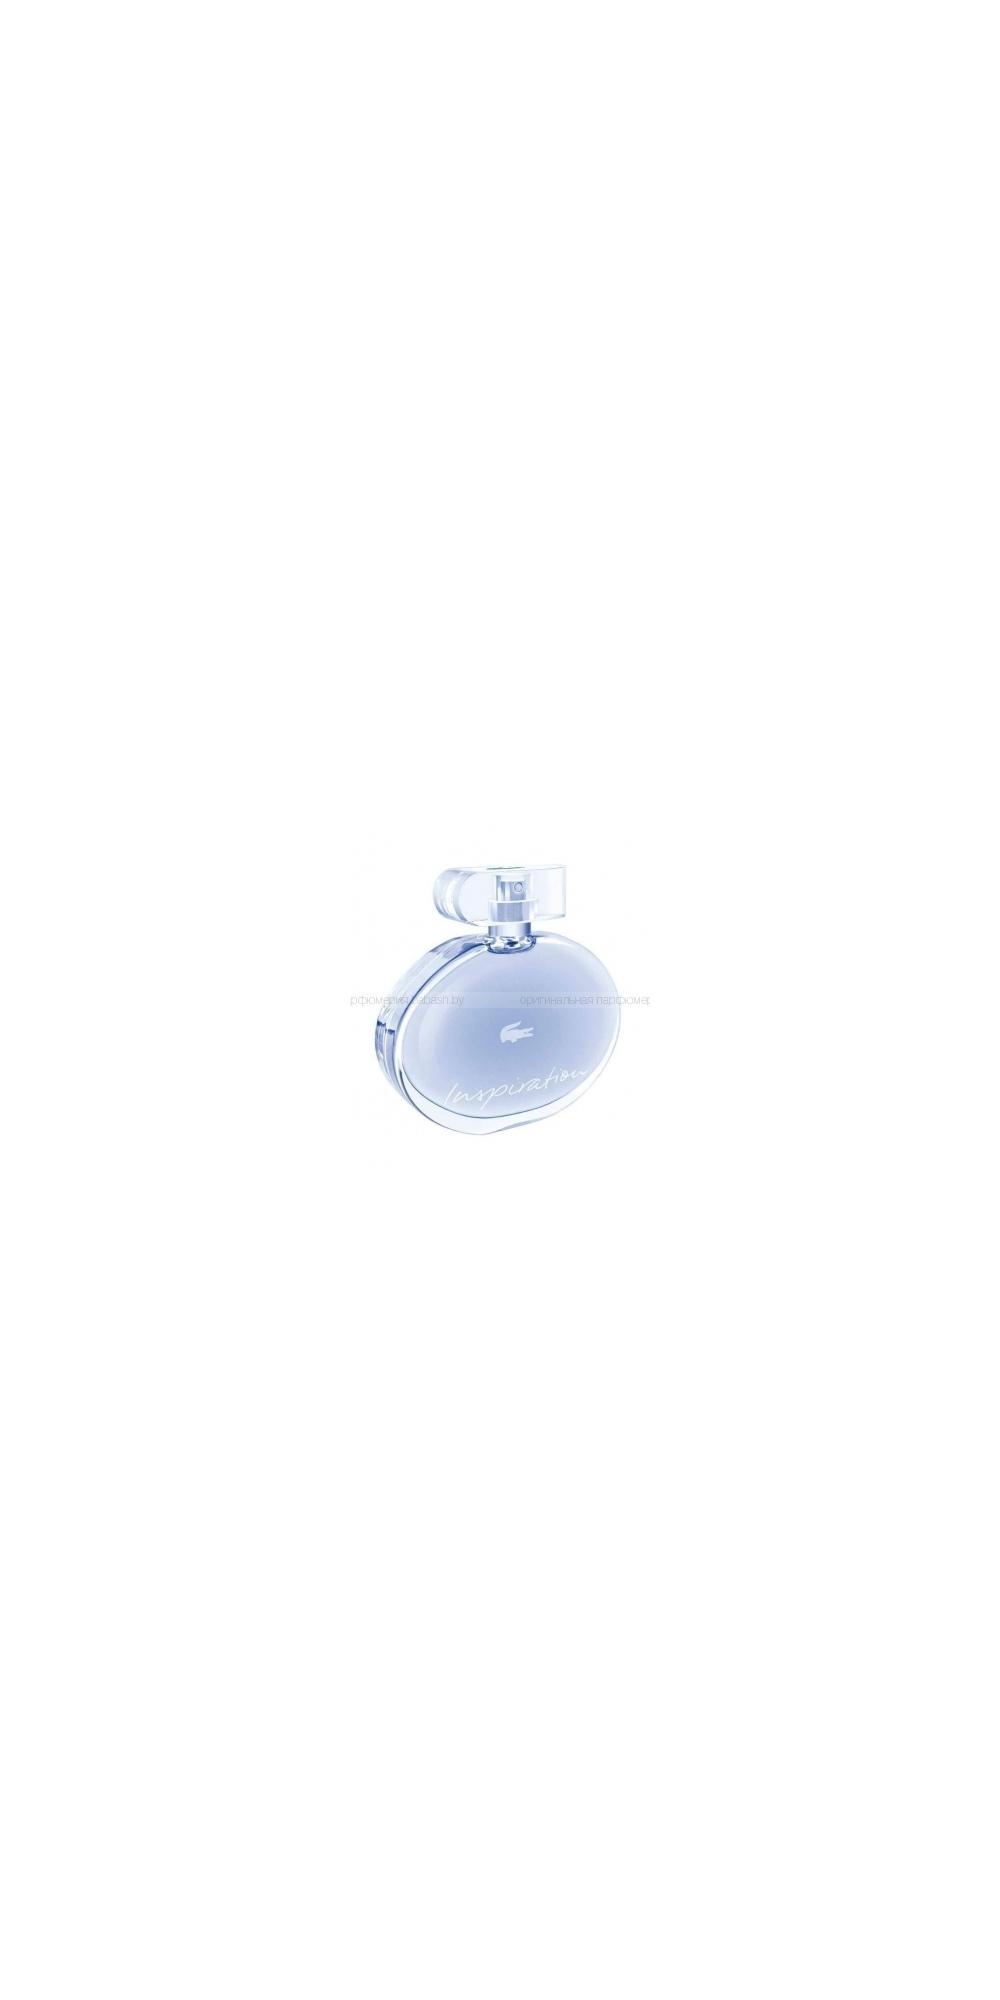 71af4eeb0dc5 Lacoste Inspiration духи, купить туалетную воду Lacoste Inspiration ...